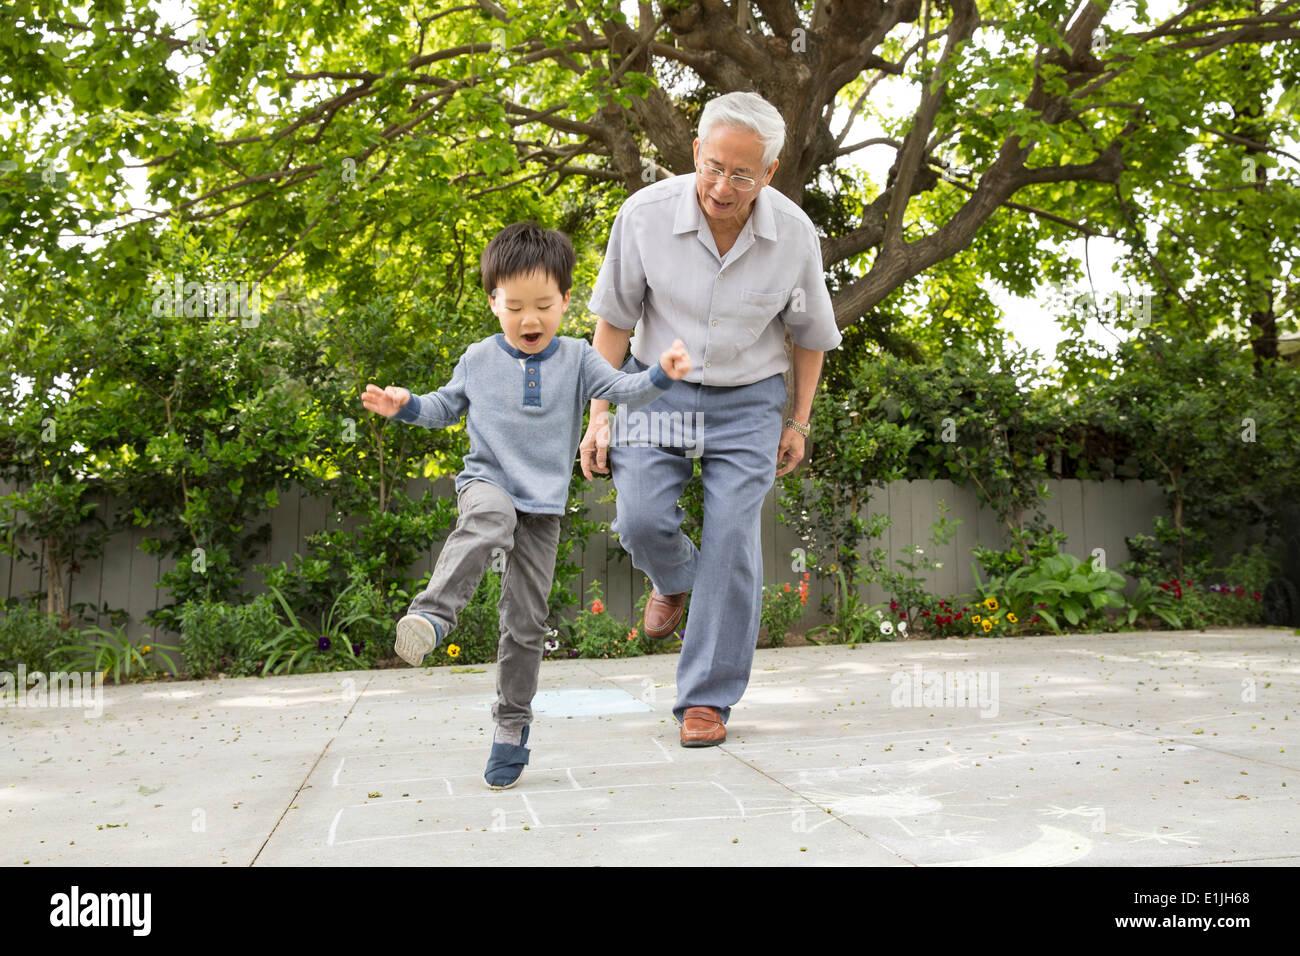 Nonno giocando campana con il nipote Immagini Stock